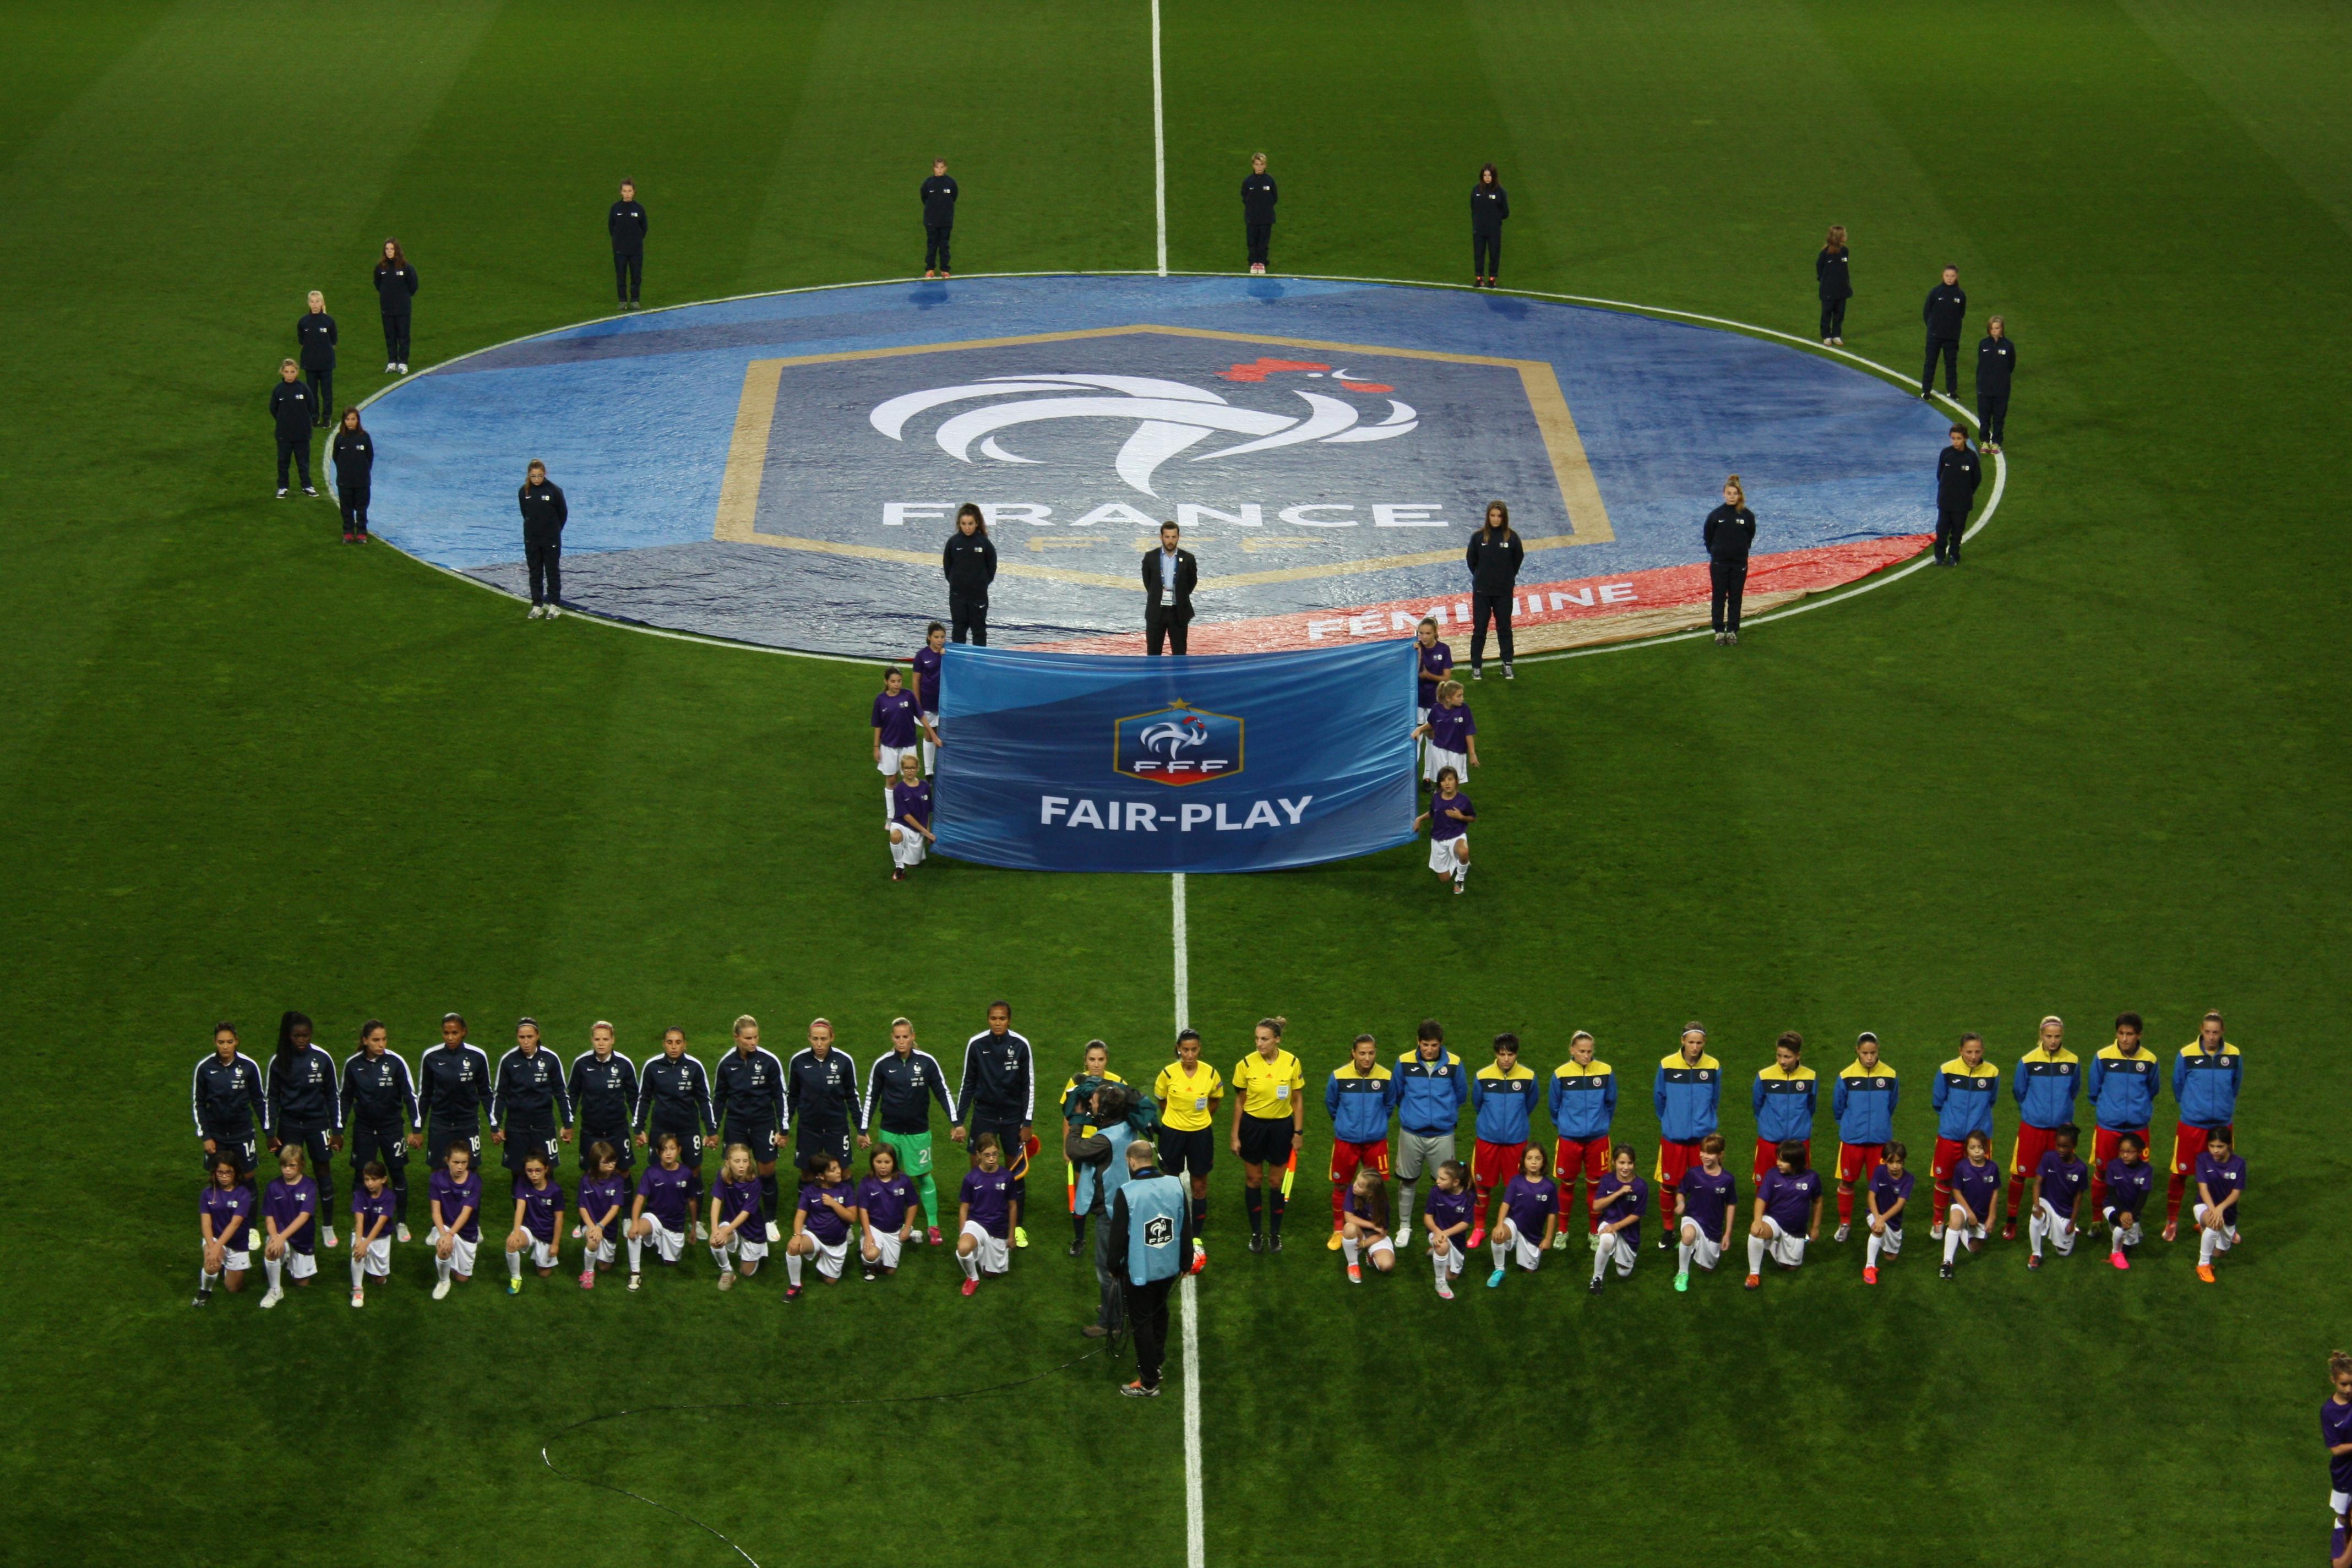 Bleues - FRANCE - ROUMANIE : 3-0 (Delie 16', Le Sommer 35', 48' - terminé)